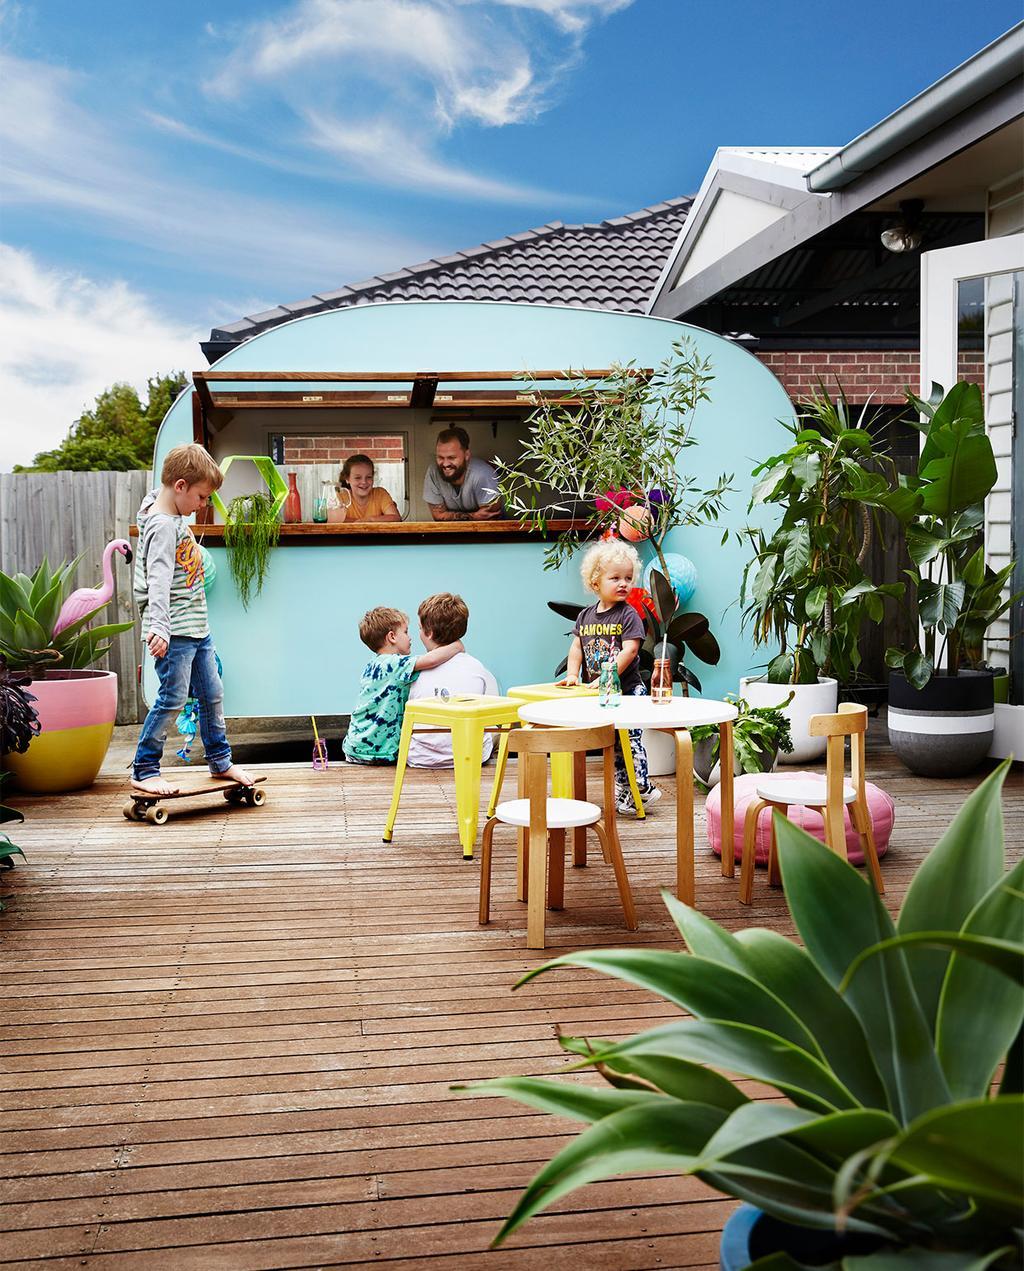 vtwonen binnenkijken special 07-2021 | blauwe caravan in Australië met de familie